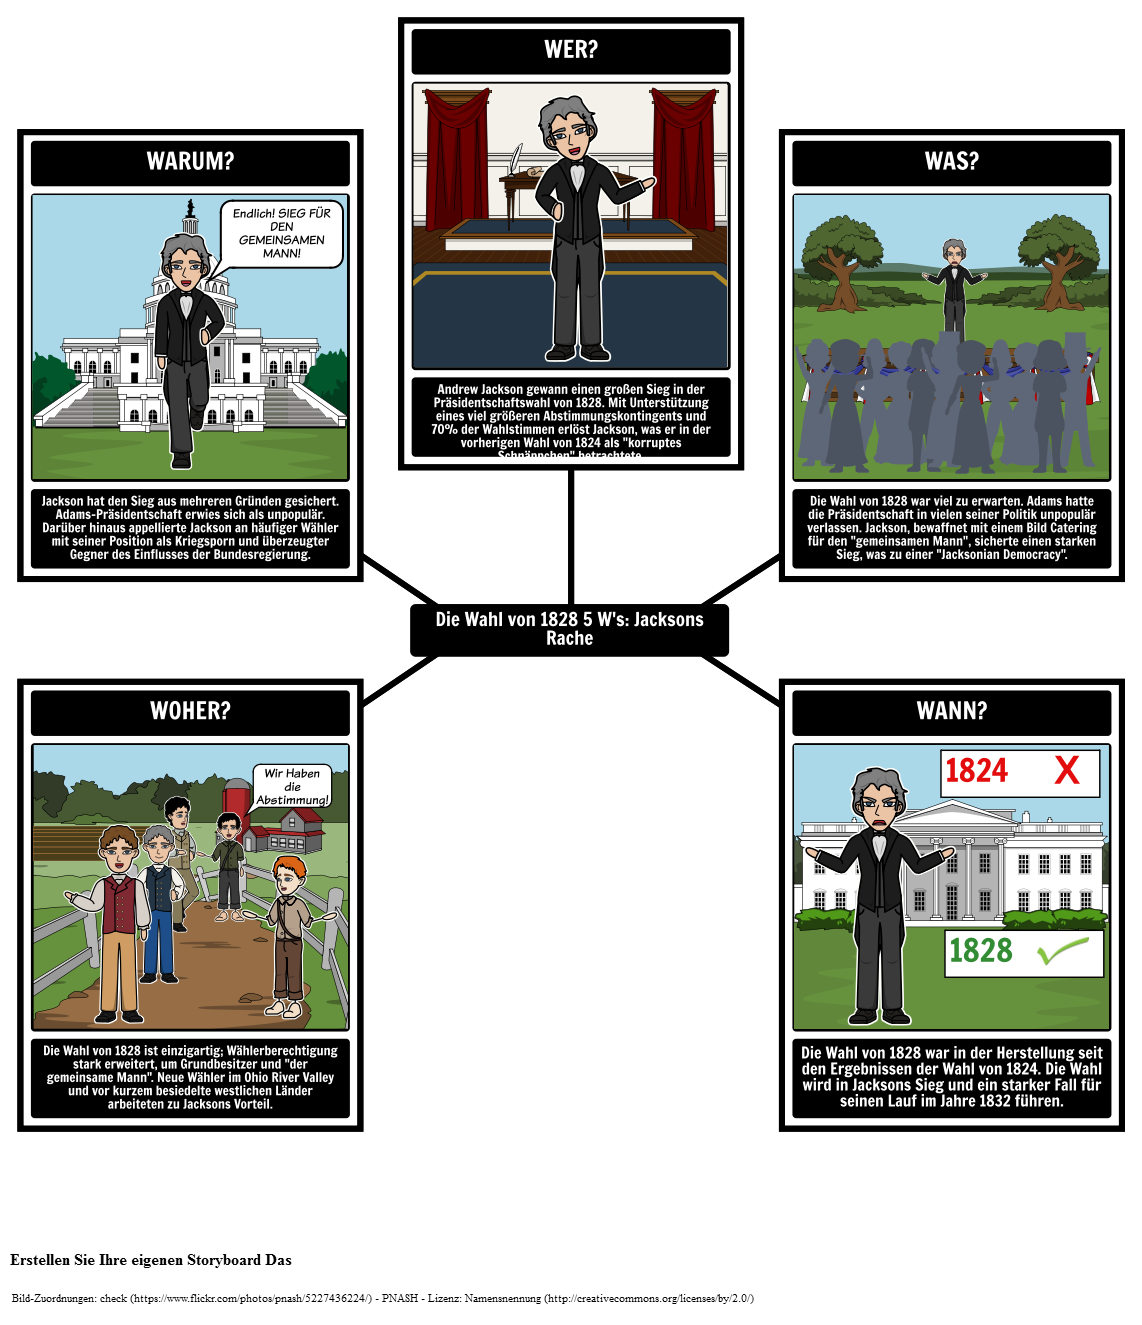 Die Wahl von 1828: Jacksons Sieg